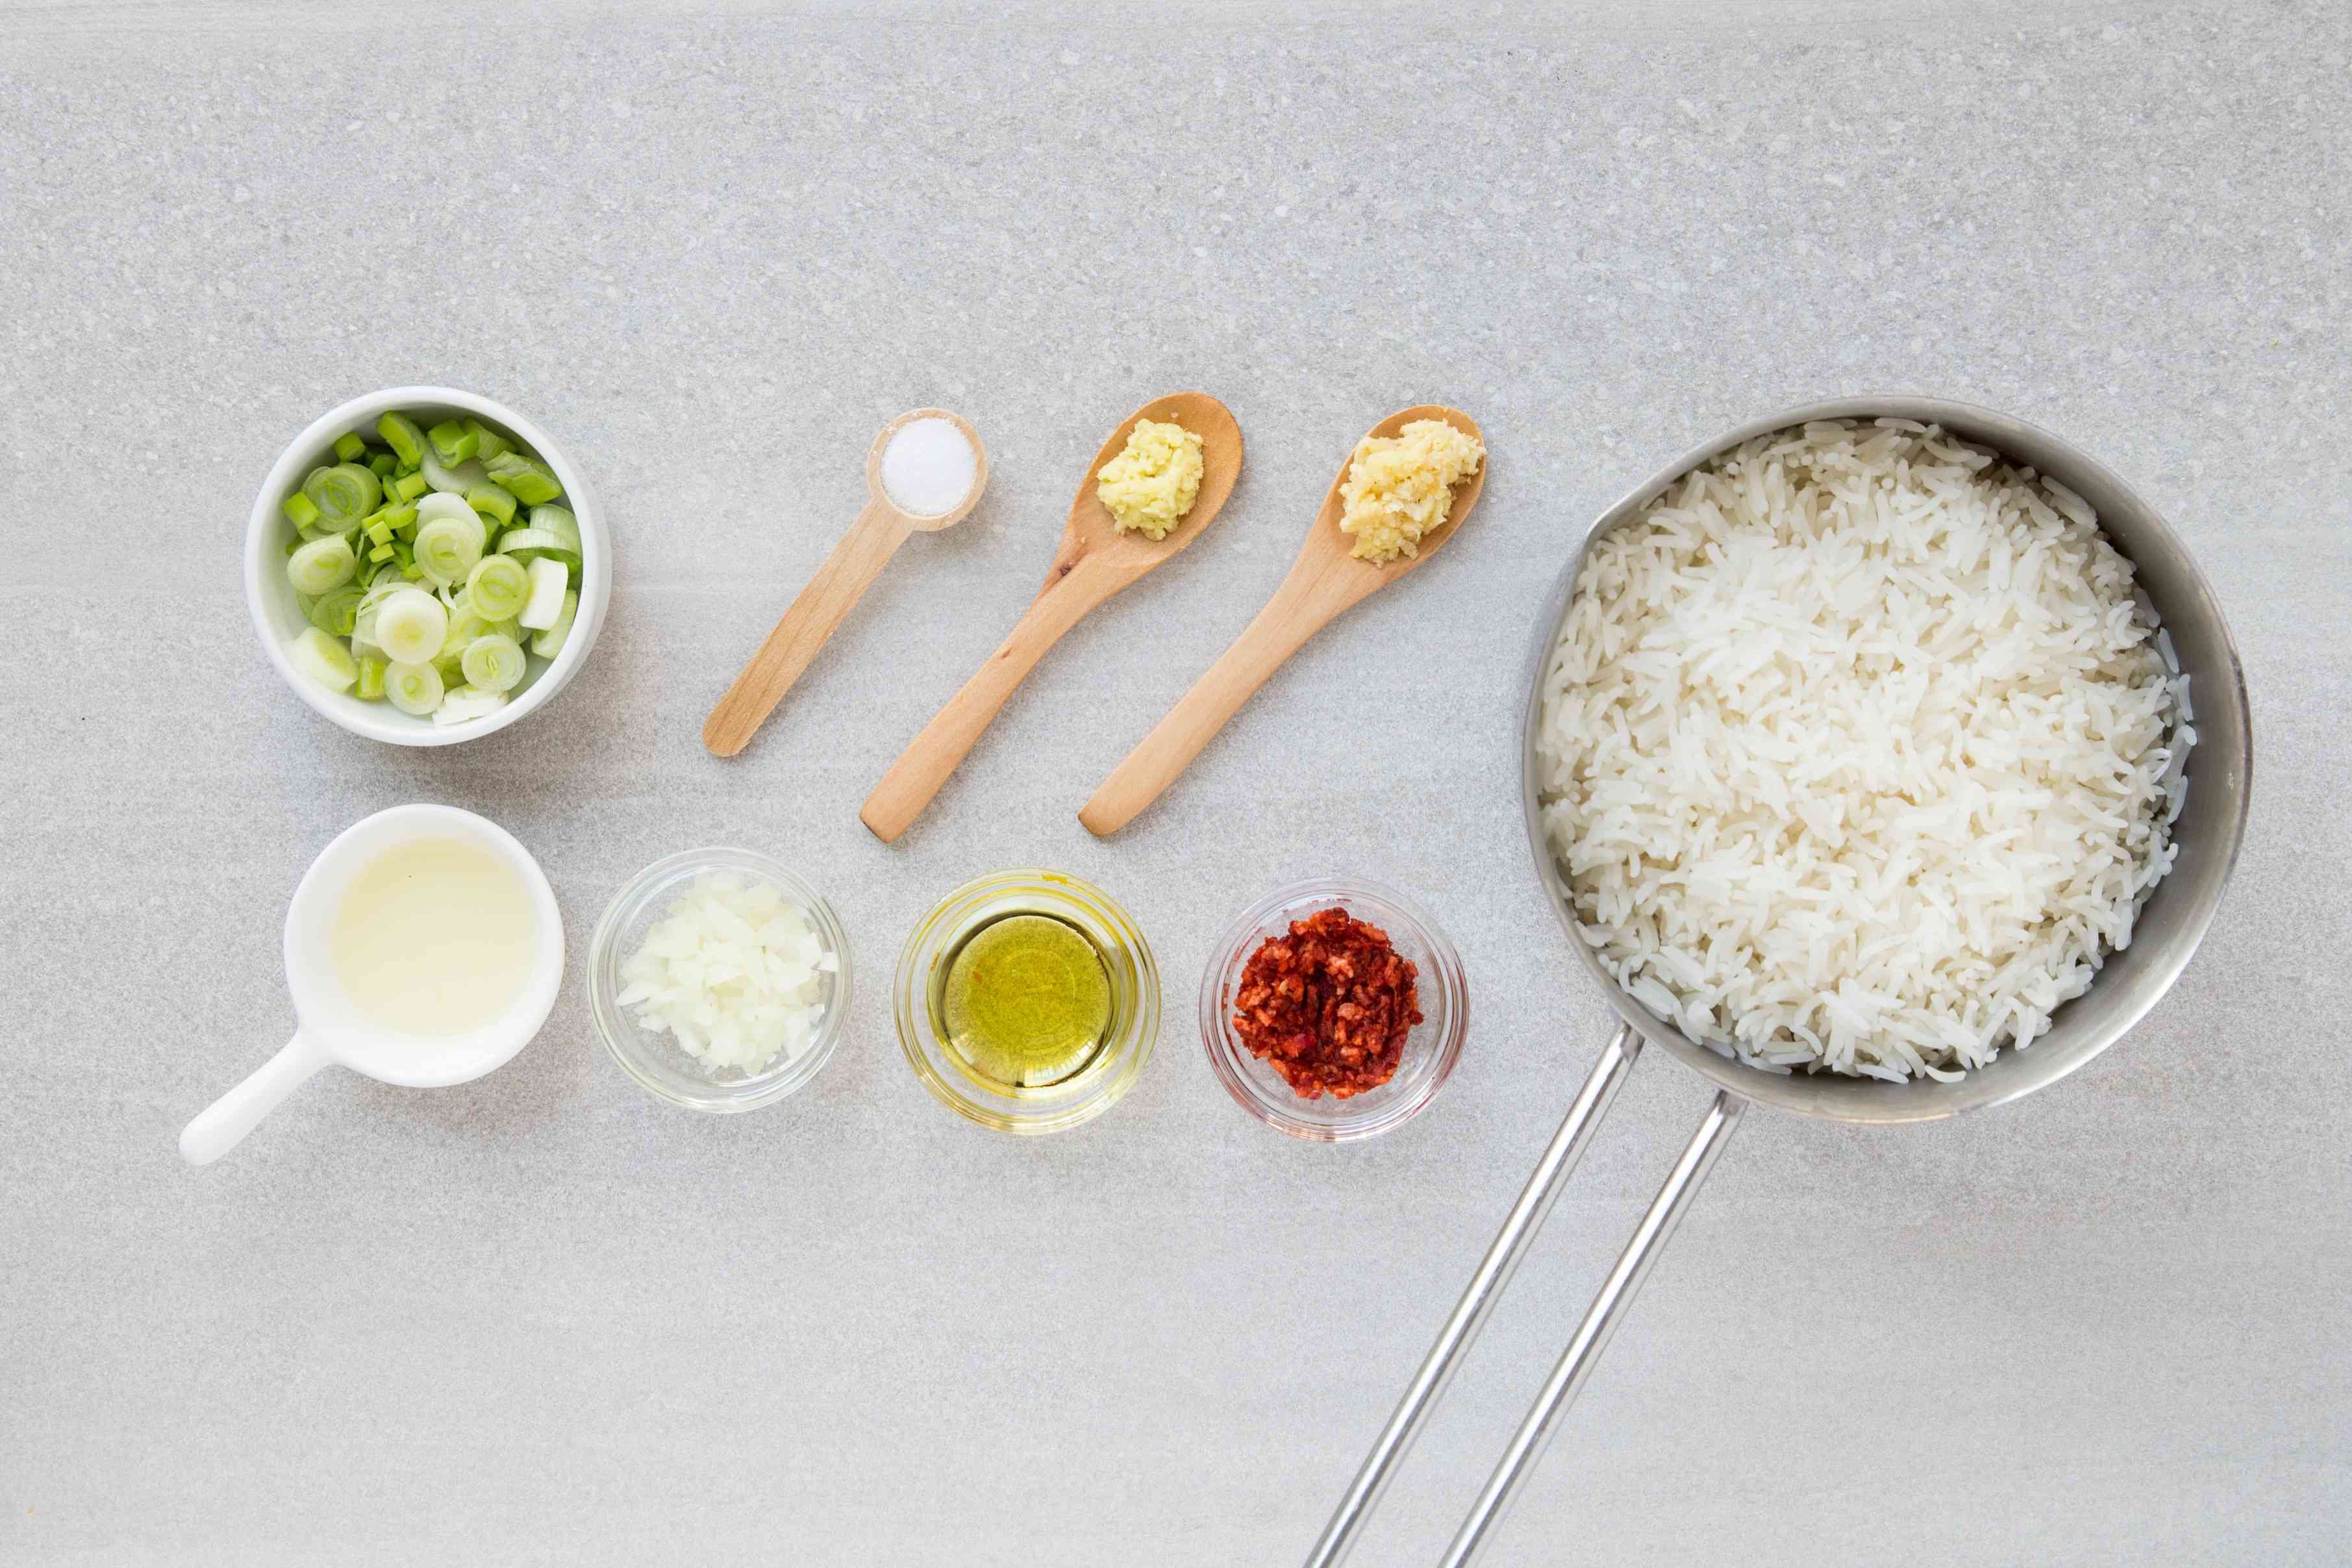 Filipino Garlic Fried Rice With Crab Paste ingredients